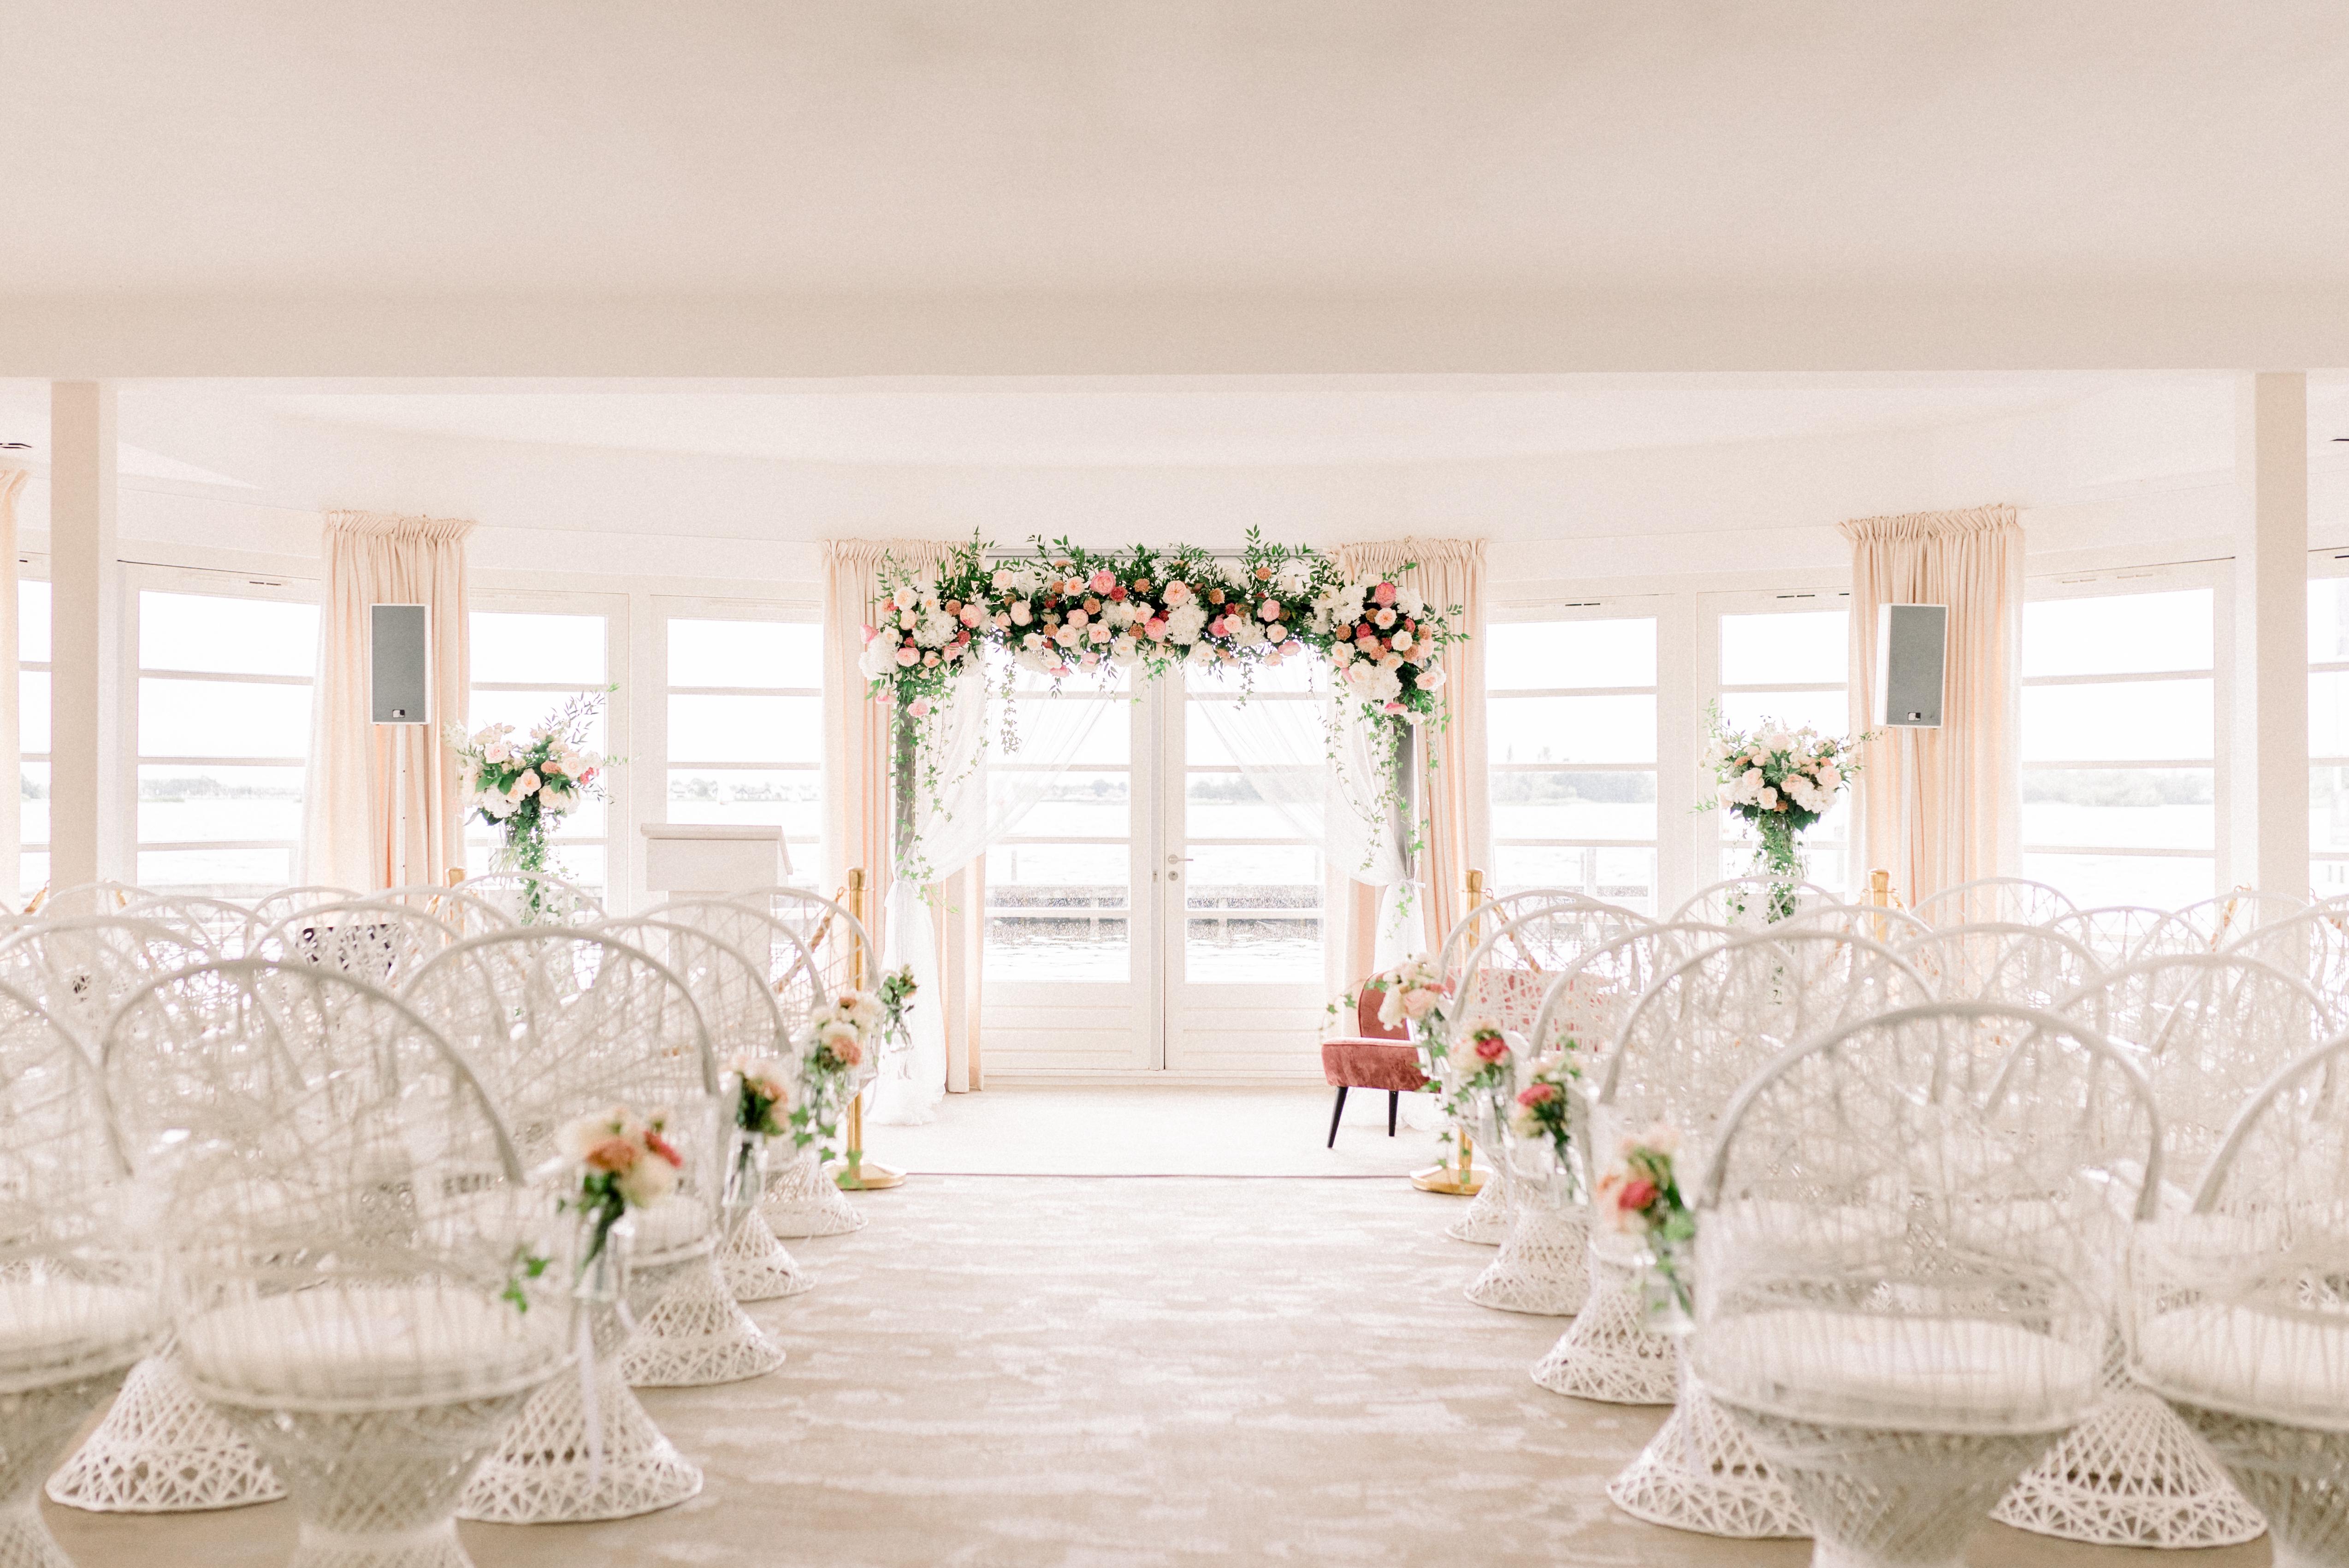 Romantische bruiloft bij Finley het Witte Huis in Loosdrecht // Tjalling & Angelina